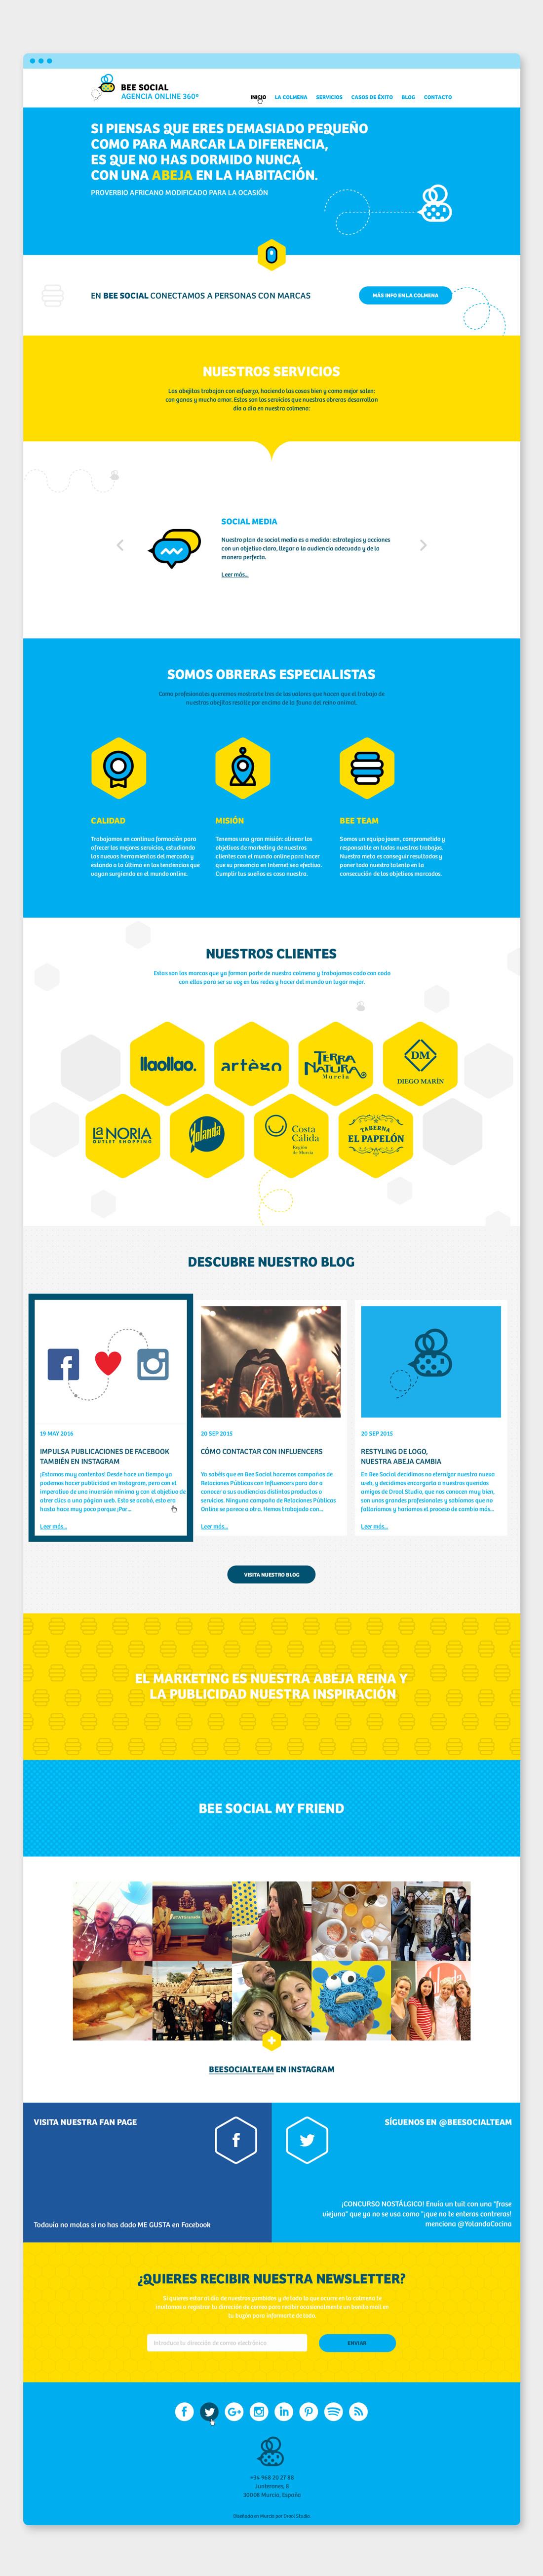 Diseño web Bee Social por Drool estudio creativo - 1